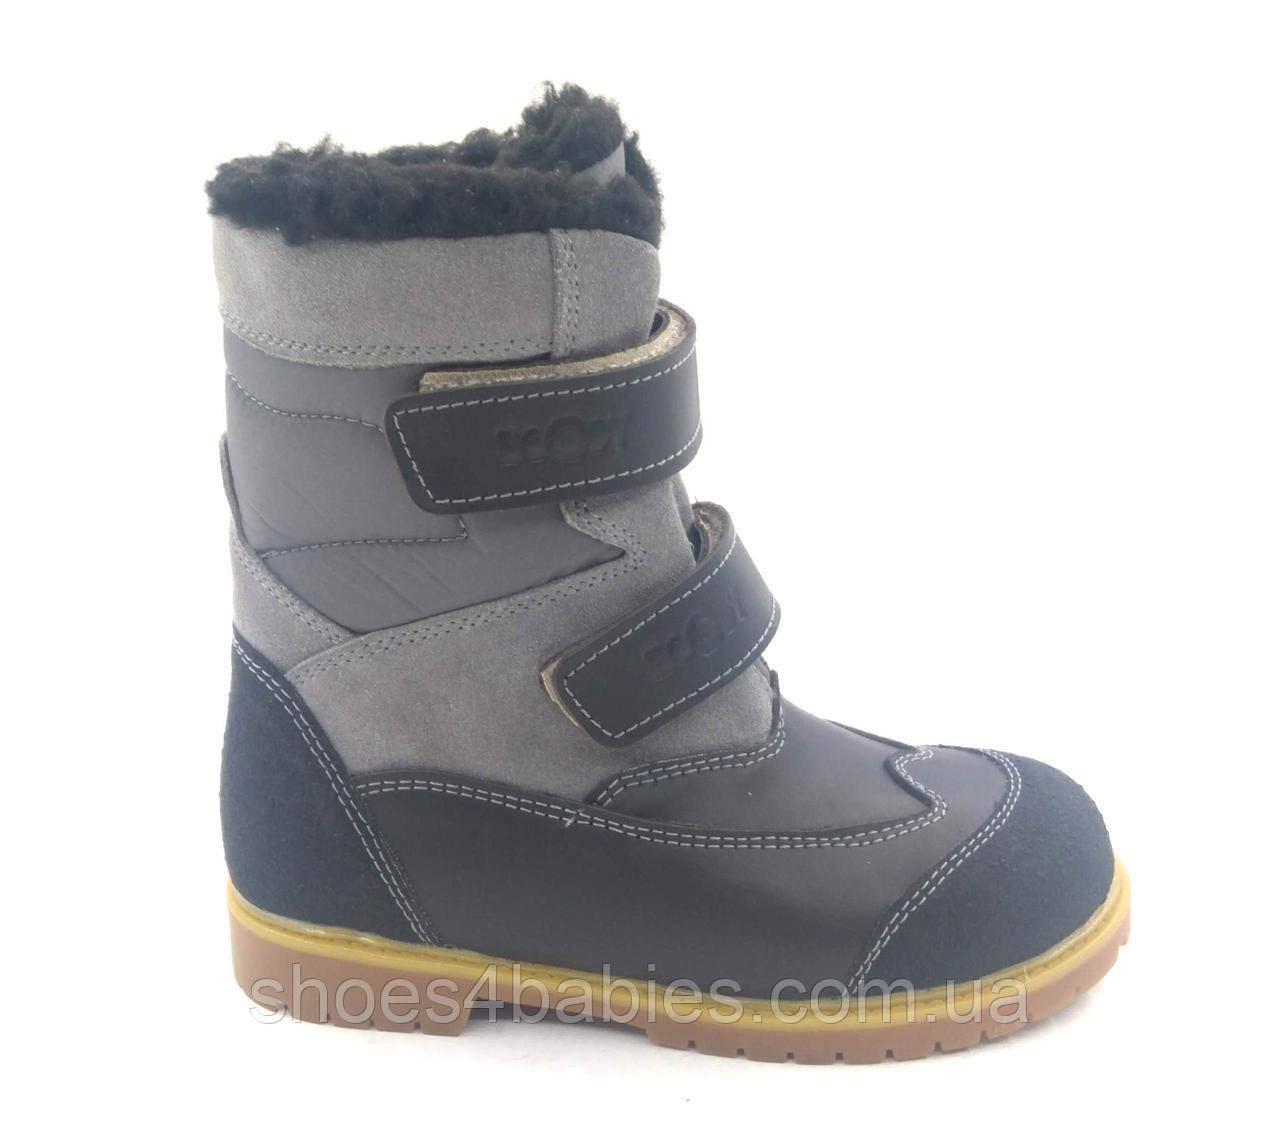 Зимние ортопедические ботинки Ecoby р. 20-36 модель 214GG